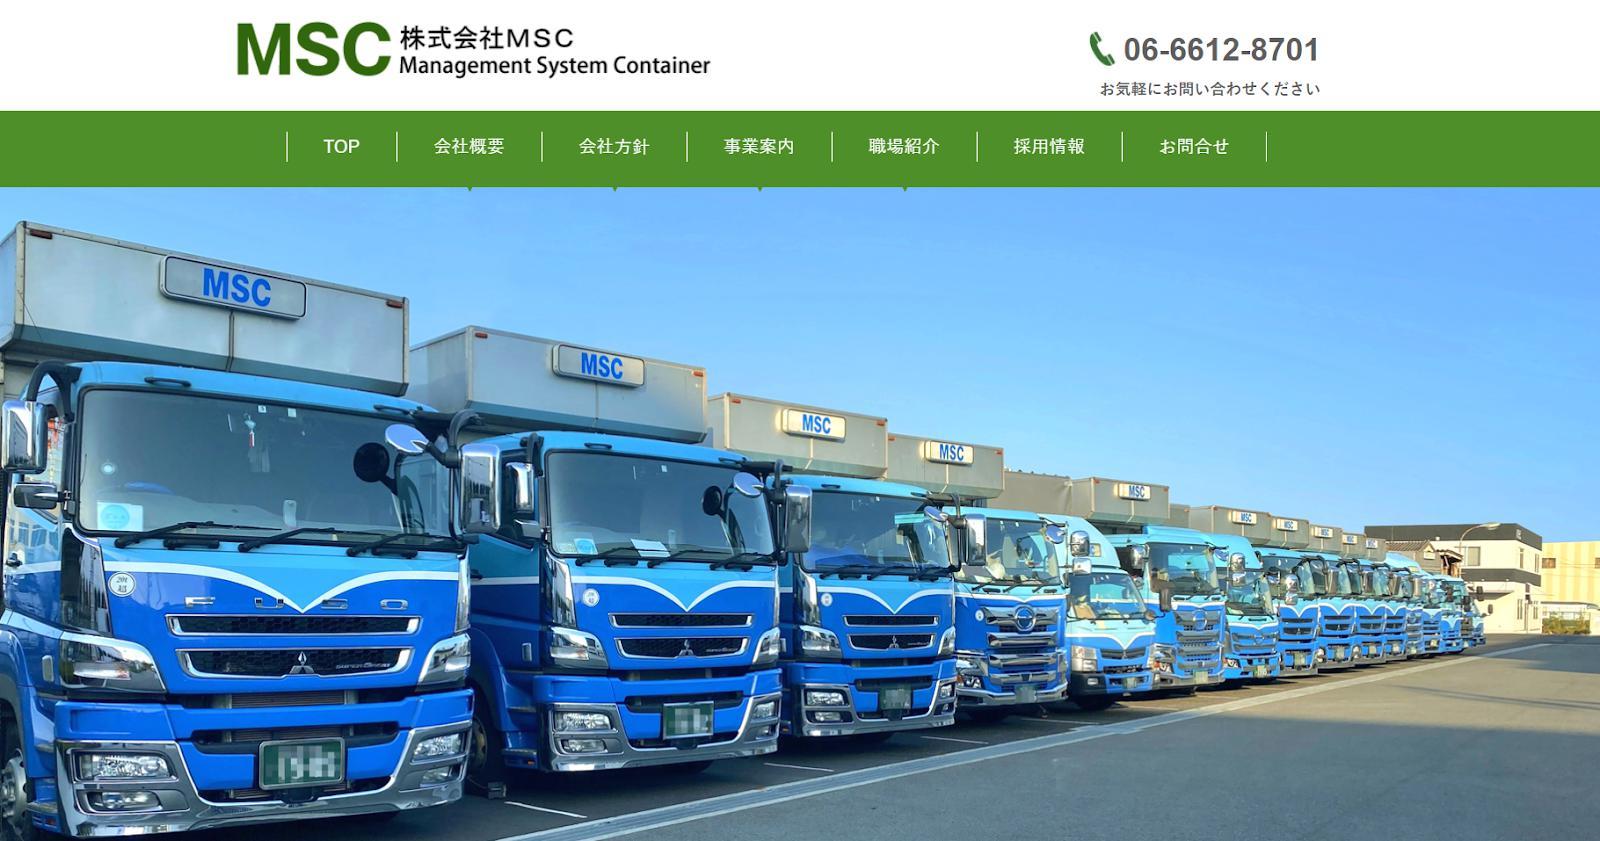 株式会社MSC ホームページ キャプチャ画像